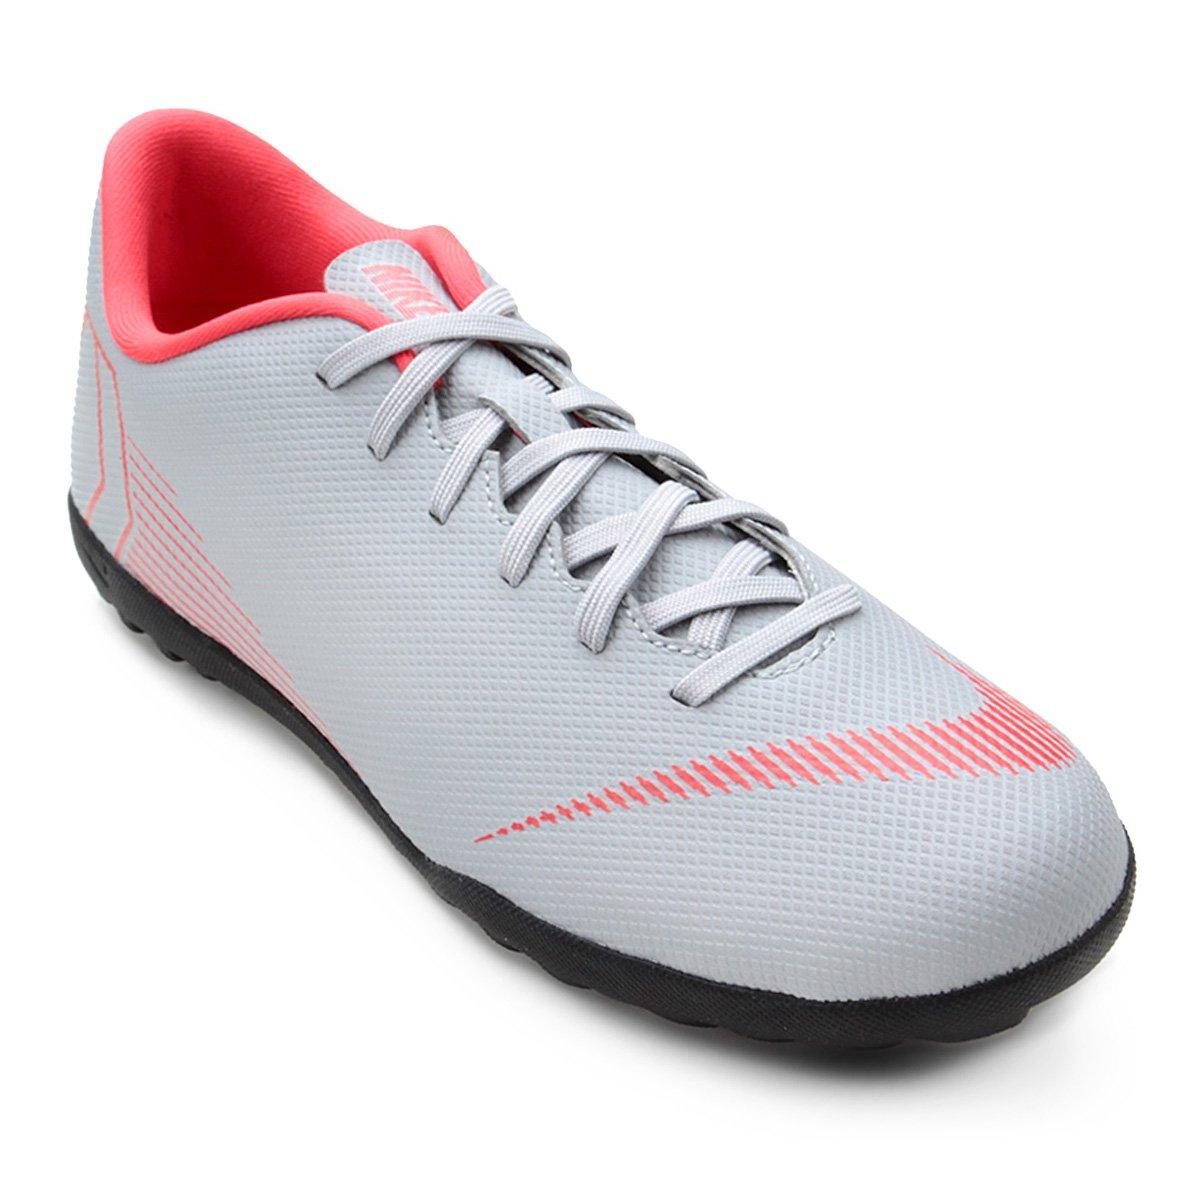 760cef559a87d Chuteira Nike Society Mercurial Vapor 12 Club - Cinza - Compre Agora ...